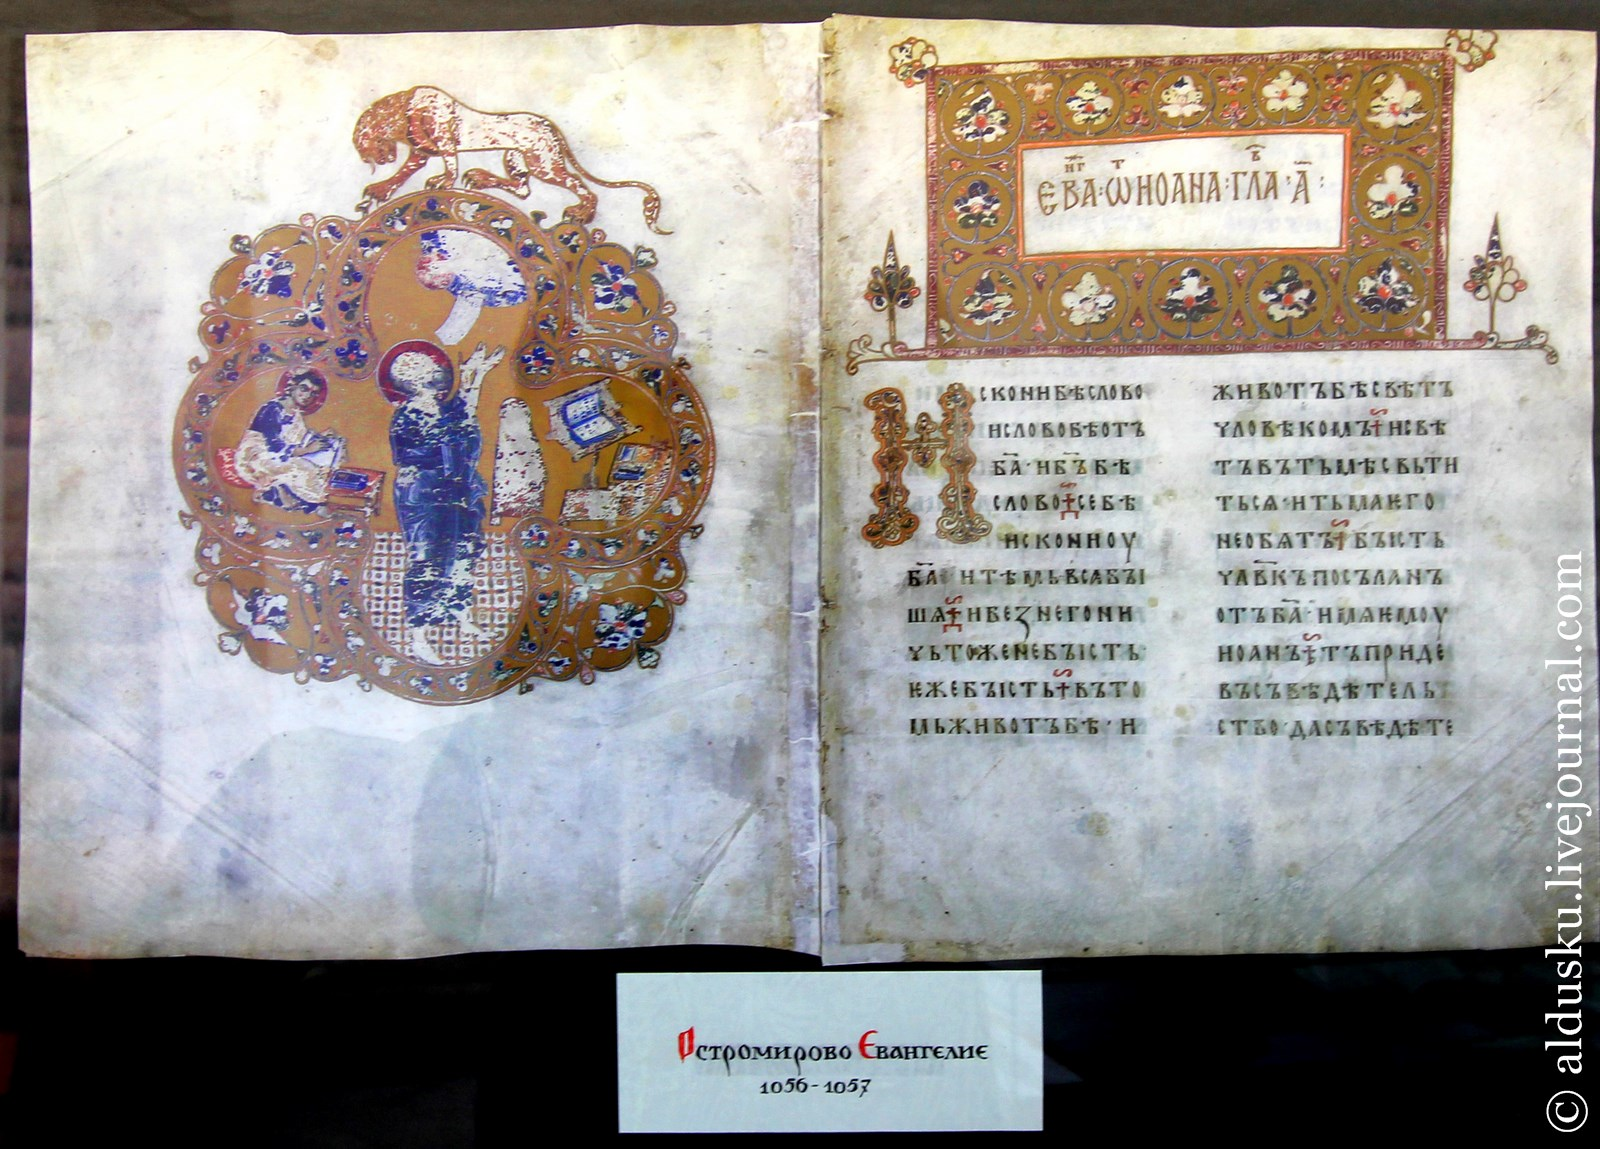 Остромирово Евангелие 1056–1057